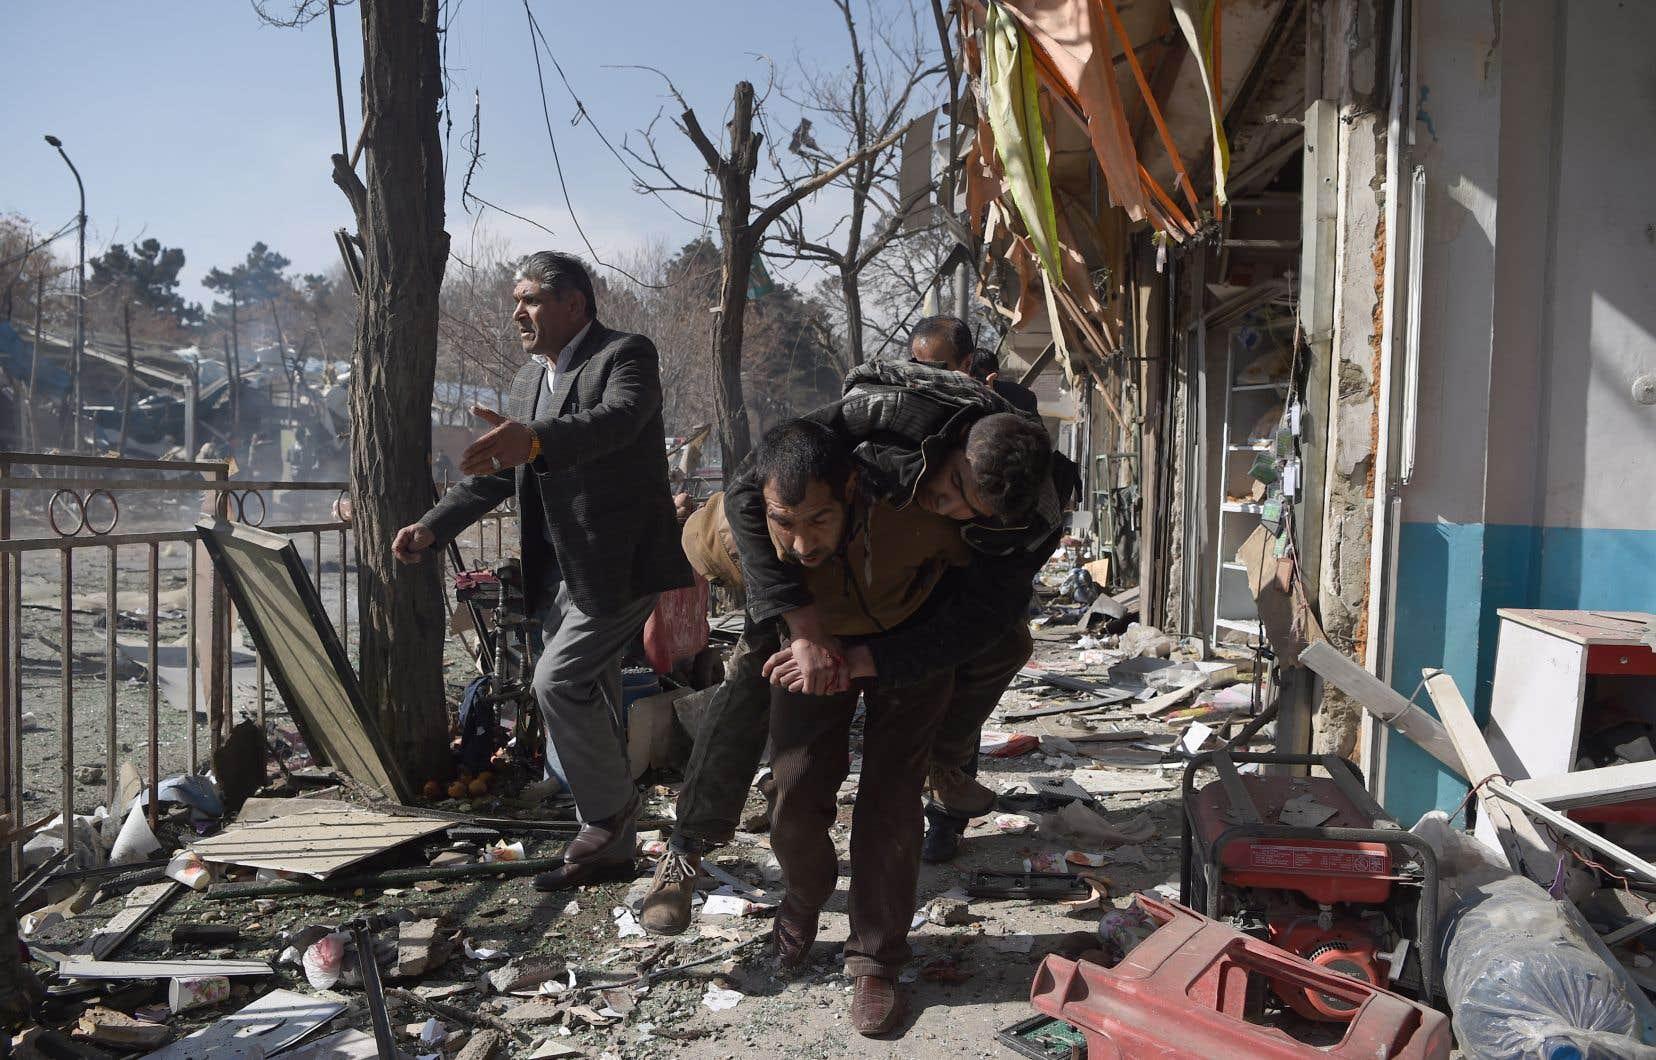 L'attentat, revendiqué par les talibans, est l'un des pires à frapper Kaboul ces dernières années.